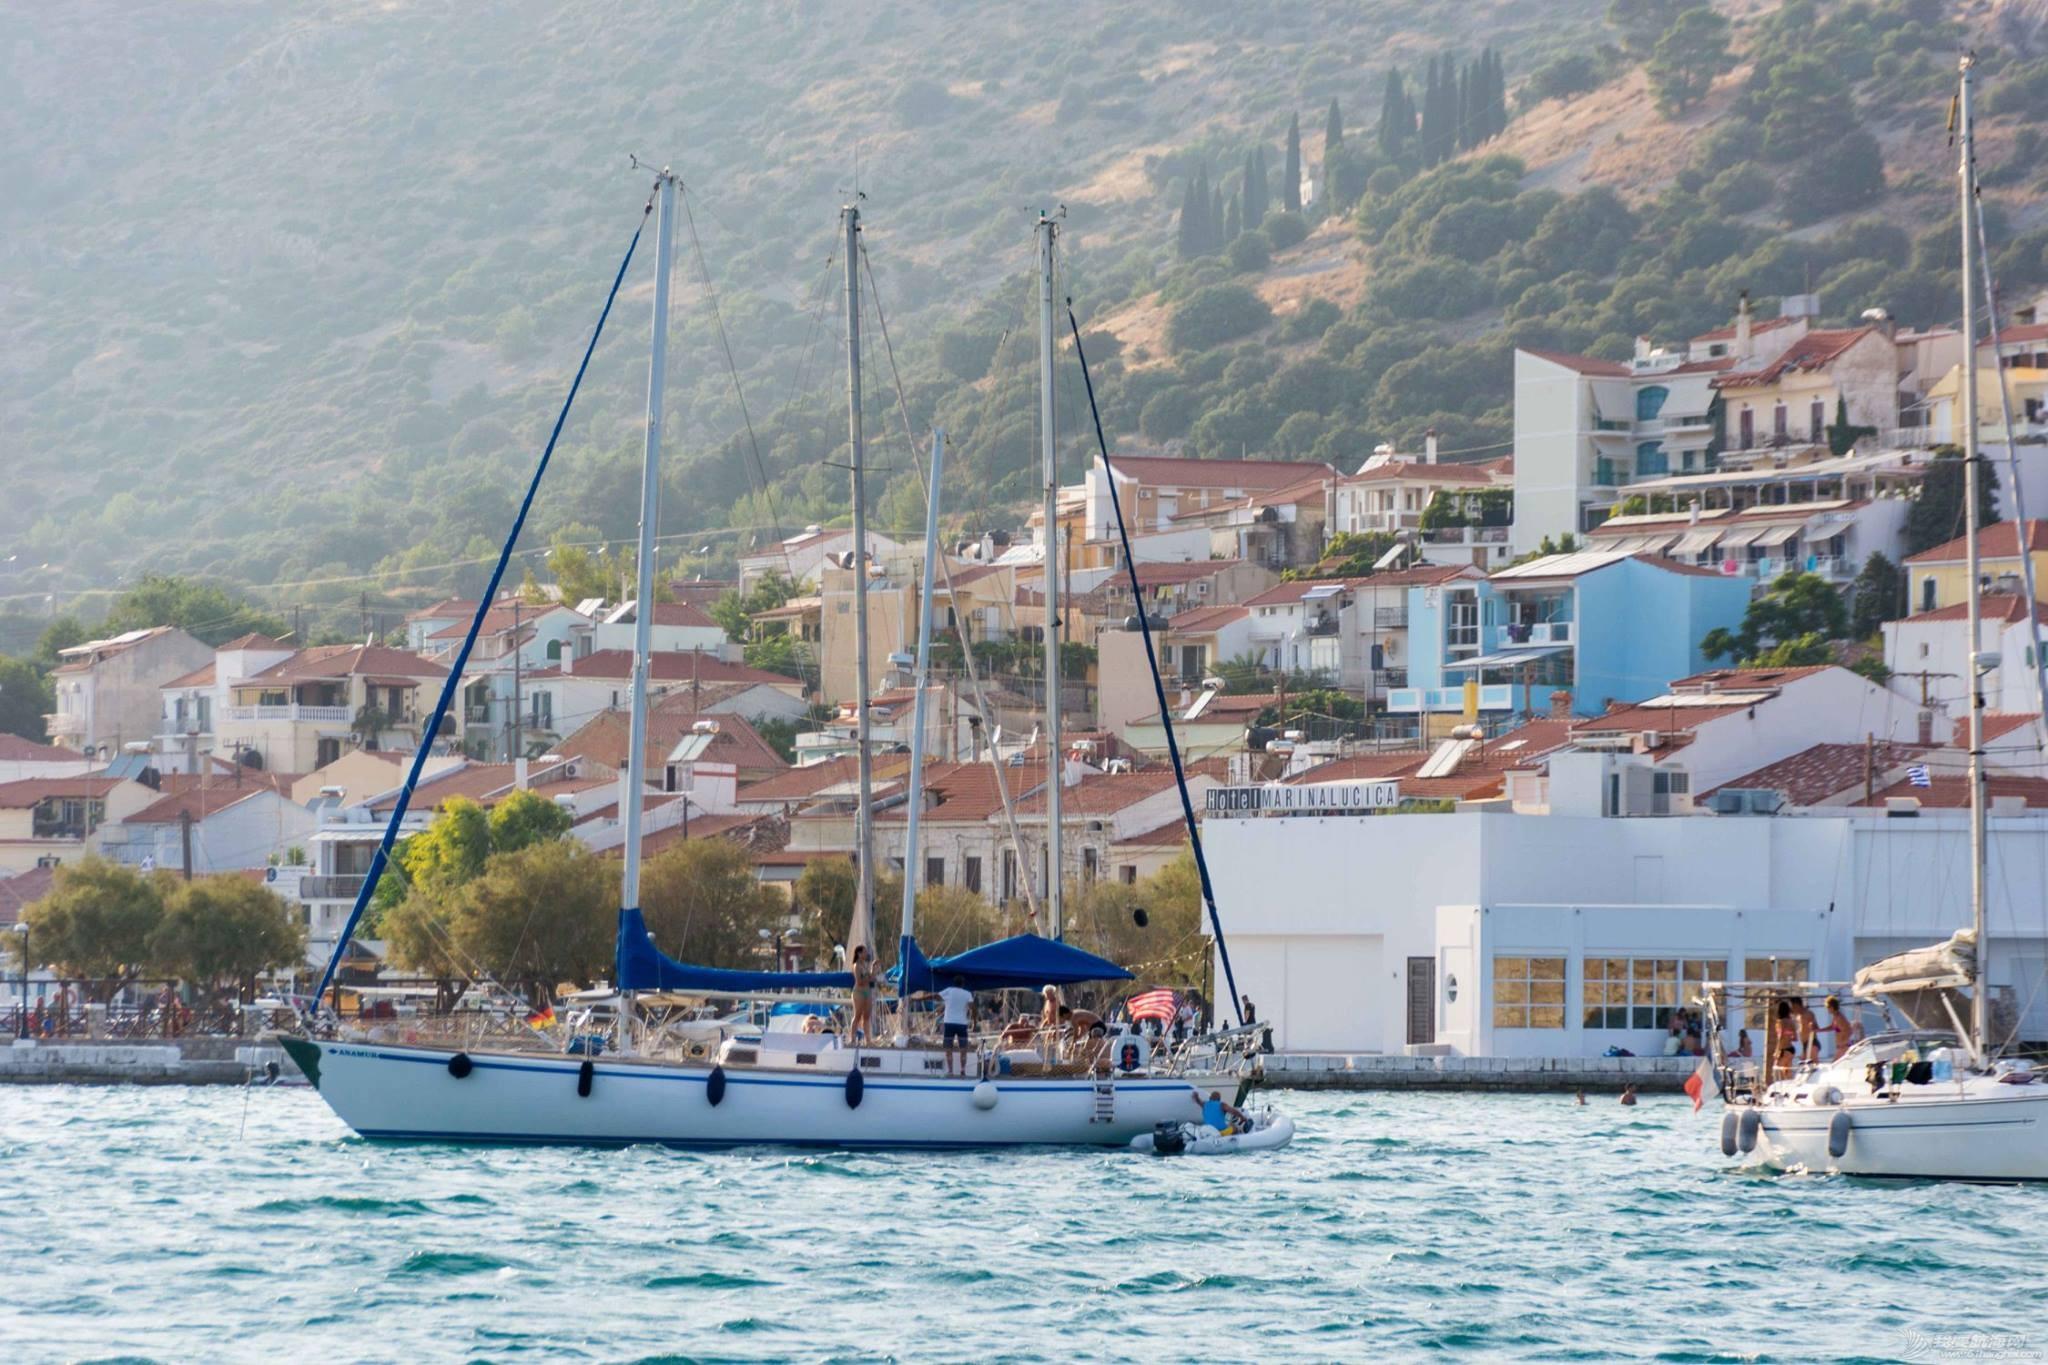 而且,希腊爱琴海,照相机,戏剧性,帆船 你经历过强风使所有的帆船拖锚吗? 11248810_1618493048409357_8712704248588761336_o.jpg